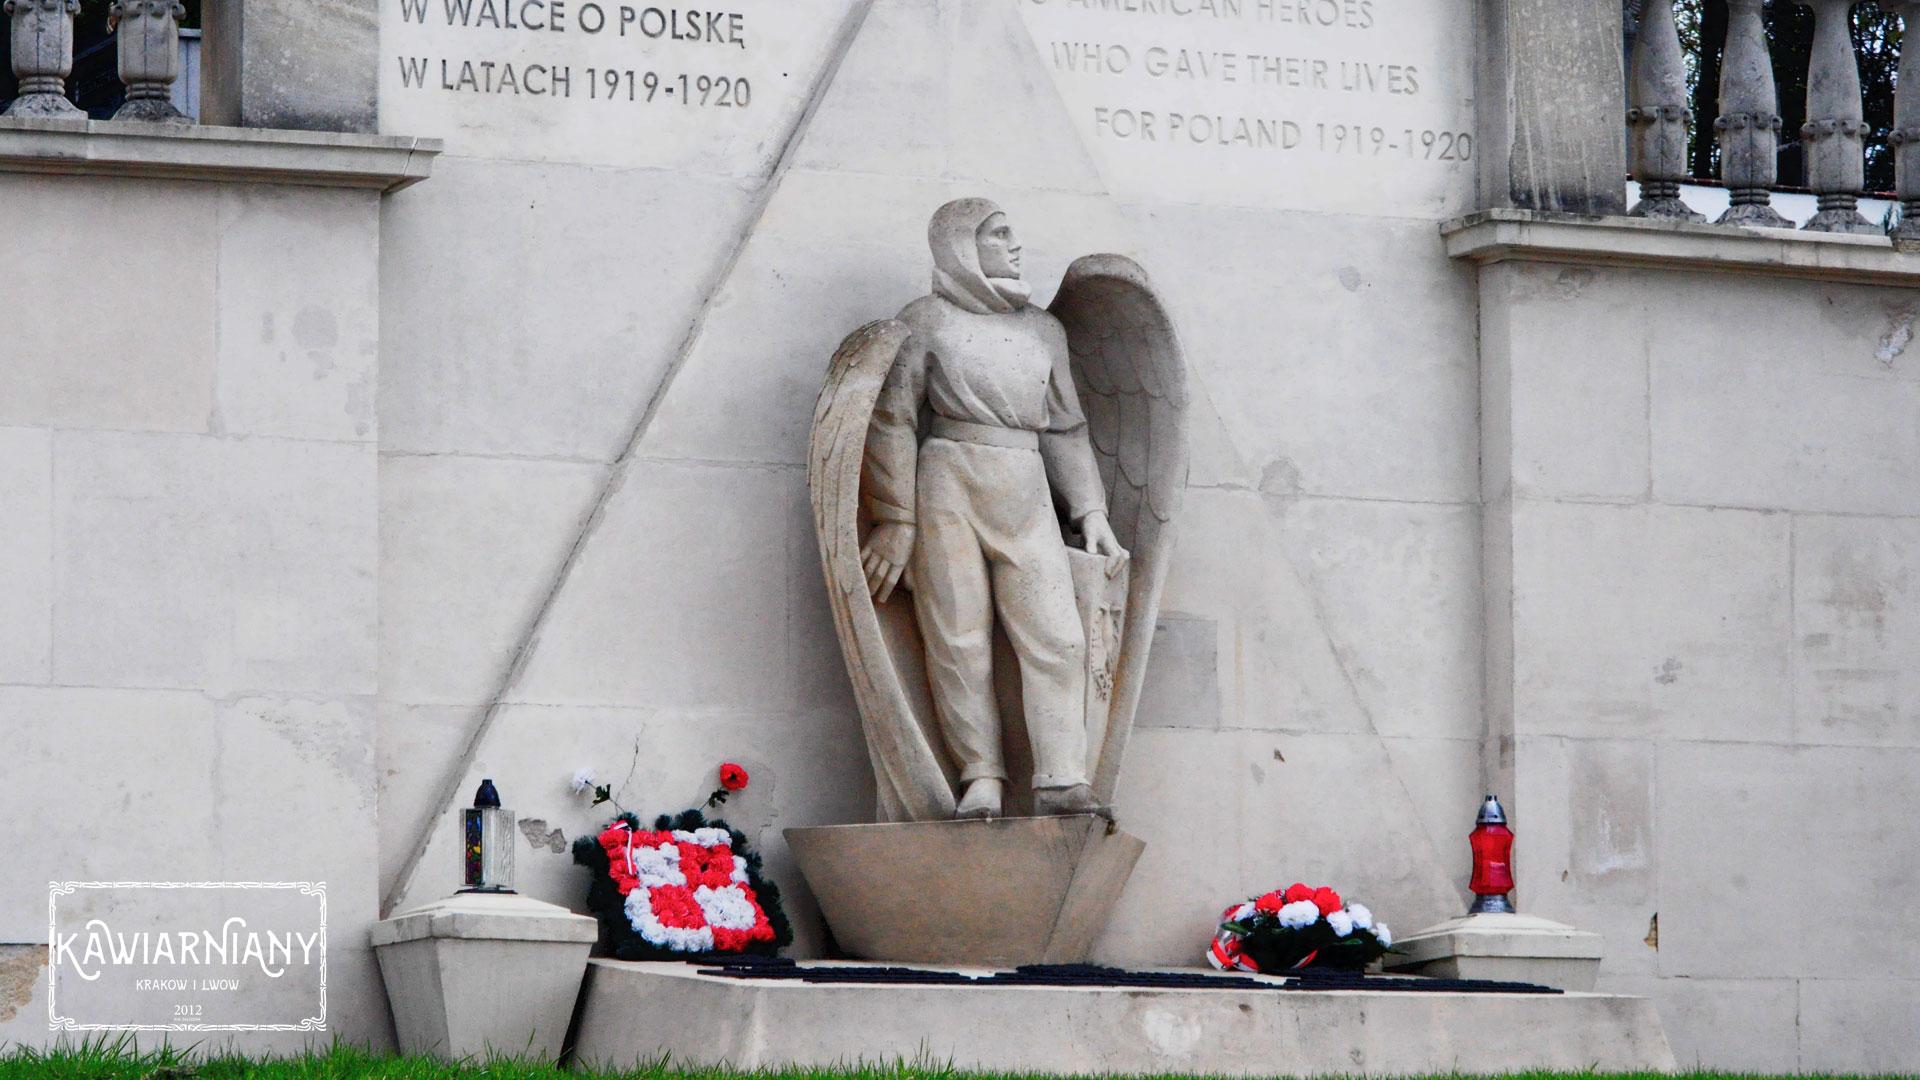 Cmentarz Obrońców Lwowa – Cmentarz Orląt na Cmentarzu Łyczakowskim